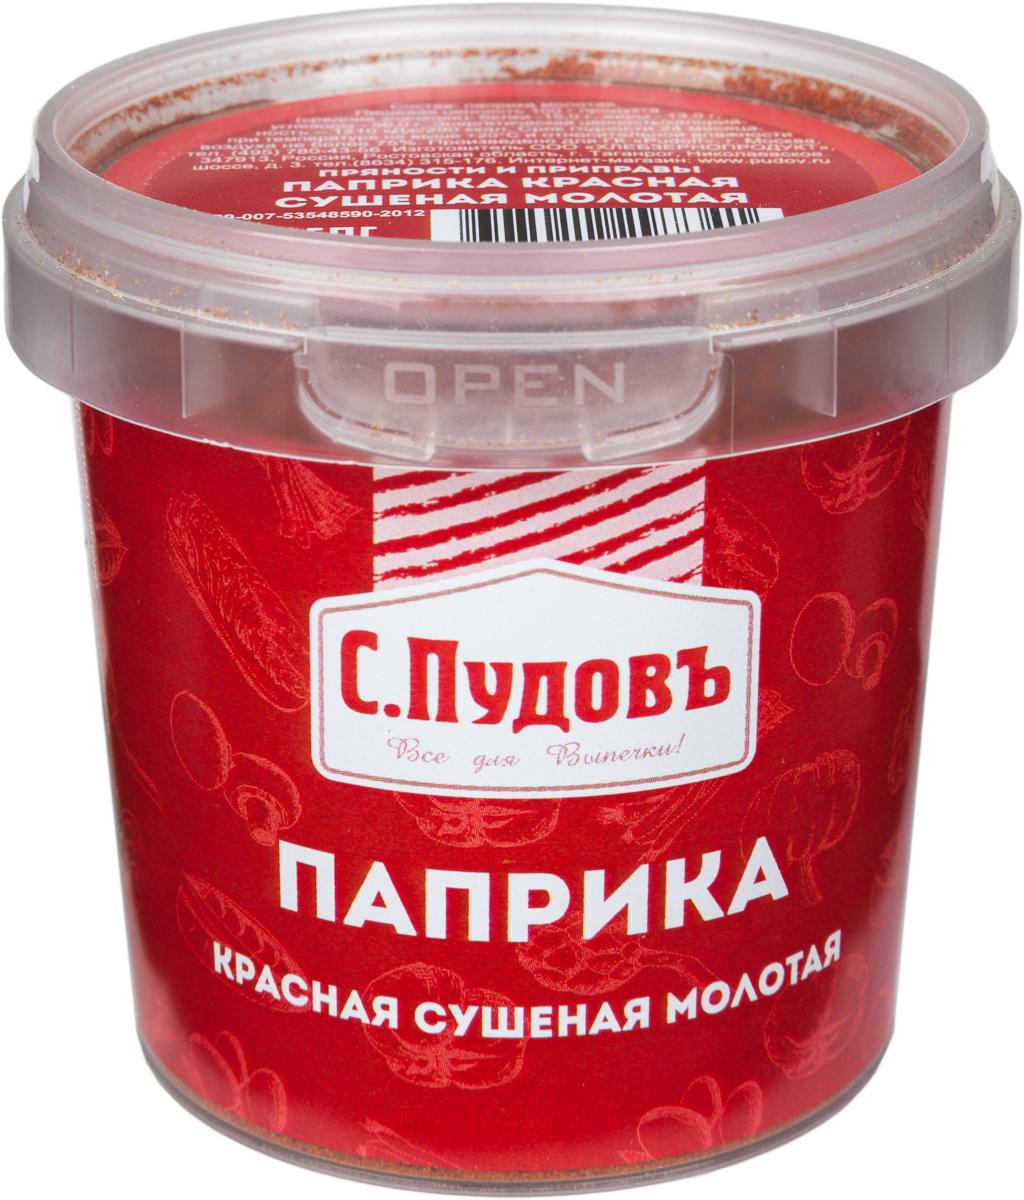 Пудовъ паприка красная сушеная молотая, 80 г пудовъ ржаной хлеб с клюквой и анисом 500 г